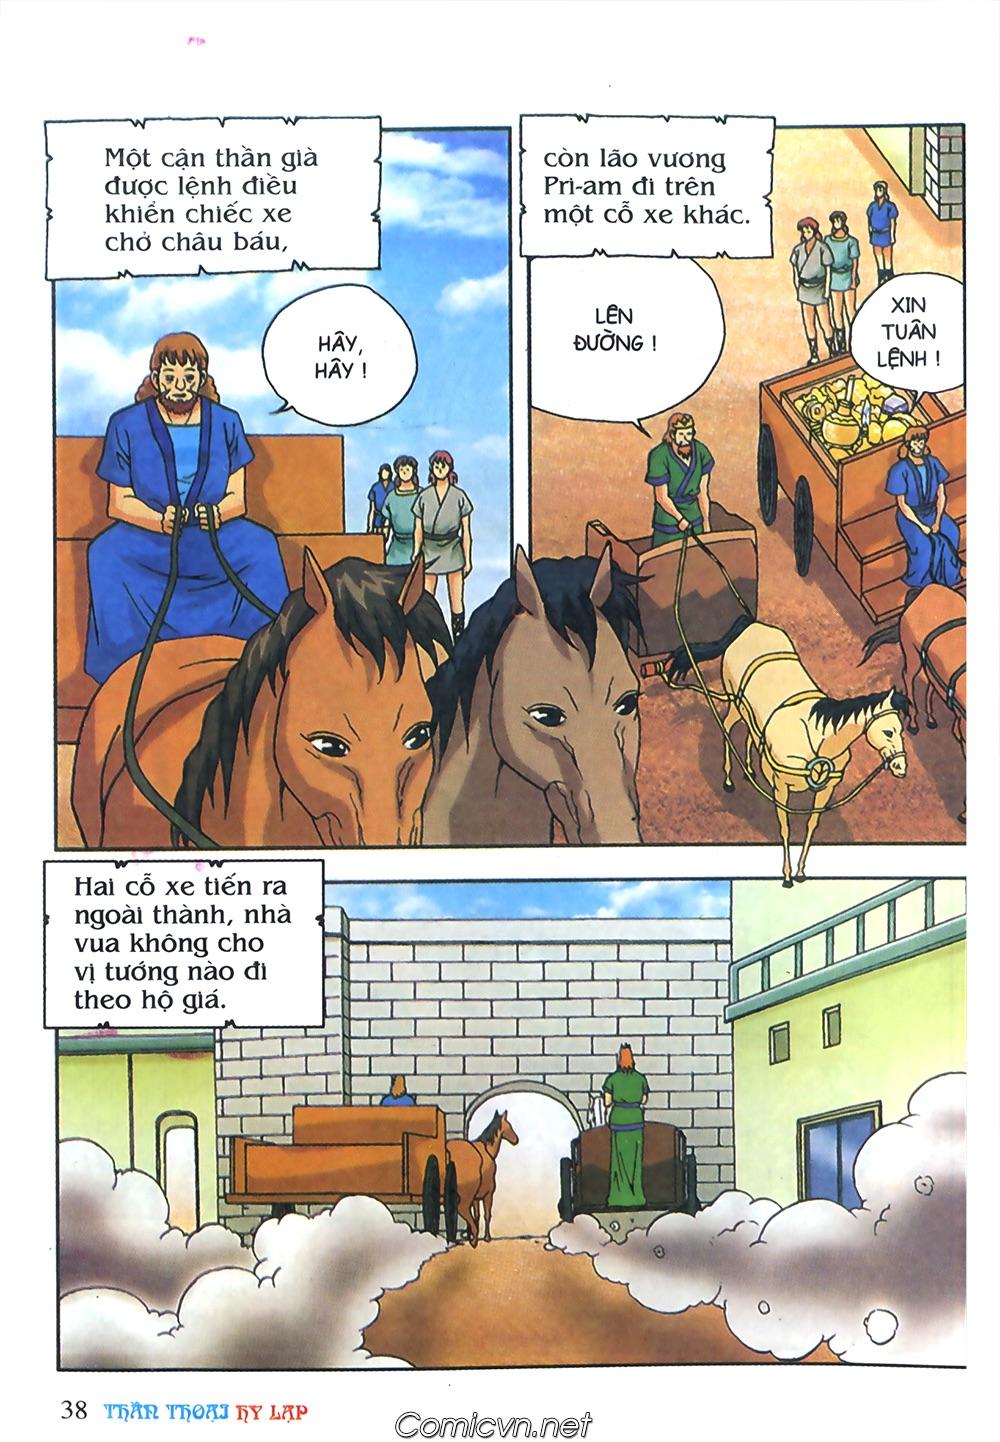 Thần Thoại Hy Lạp Màu - Chapter 63: Lão vương Pri am chuộc xác con - Pic 12